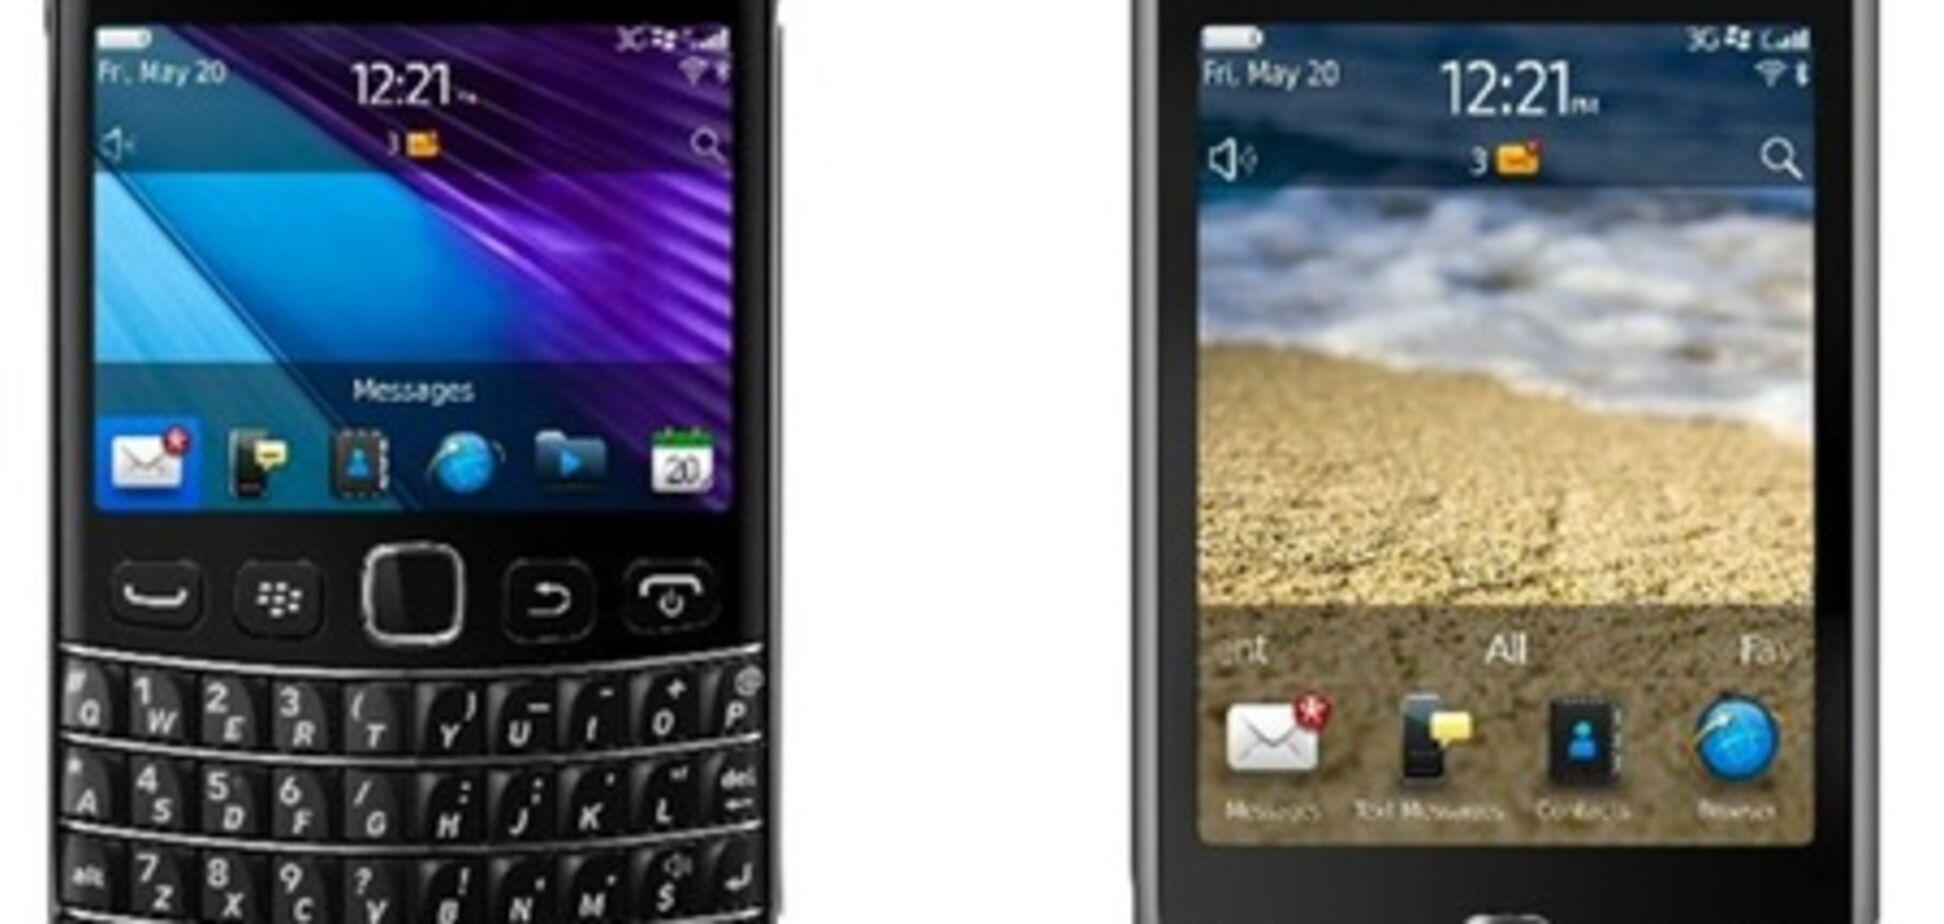 Анонсирован первый смартфон BlackBerry без клавиатуры